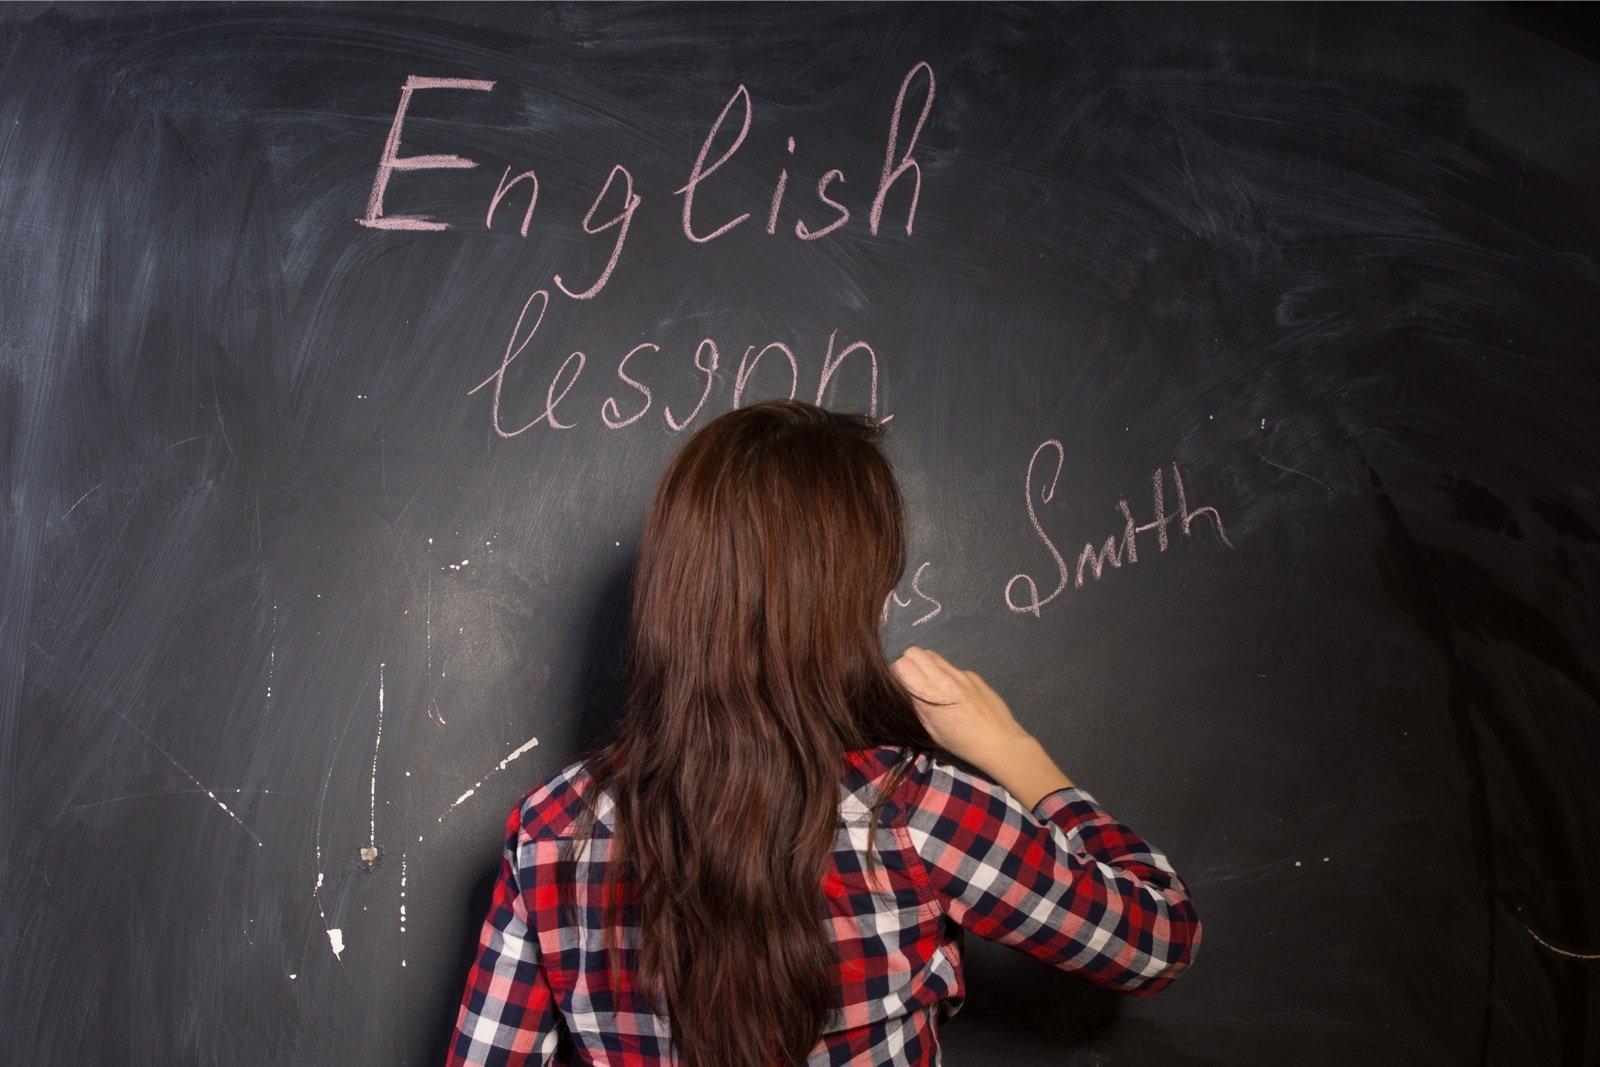 Keila koolis jäi rahvusvaheliste diplomitega inglise keele õpetaja ametist ilma, sest tal pole Eesti haridust